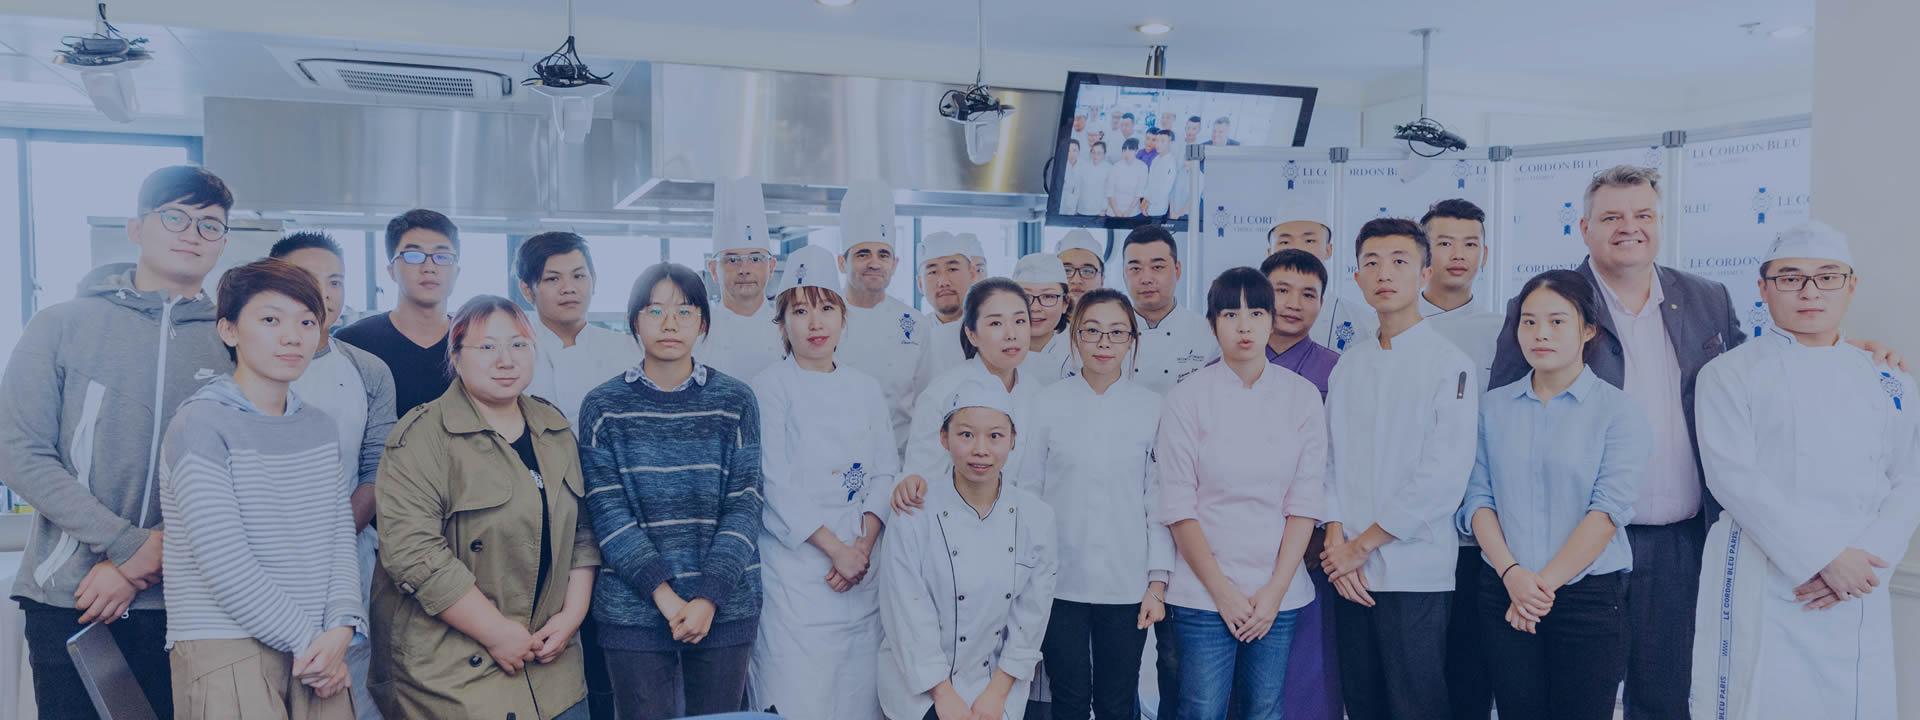 2017蓝带奖学金决赛获奖名单